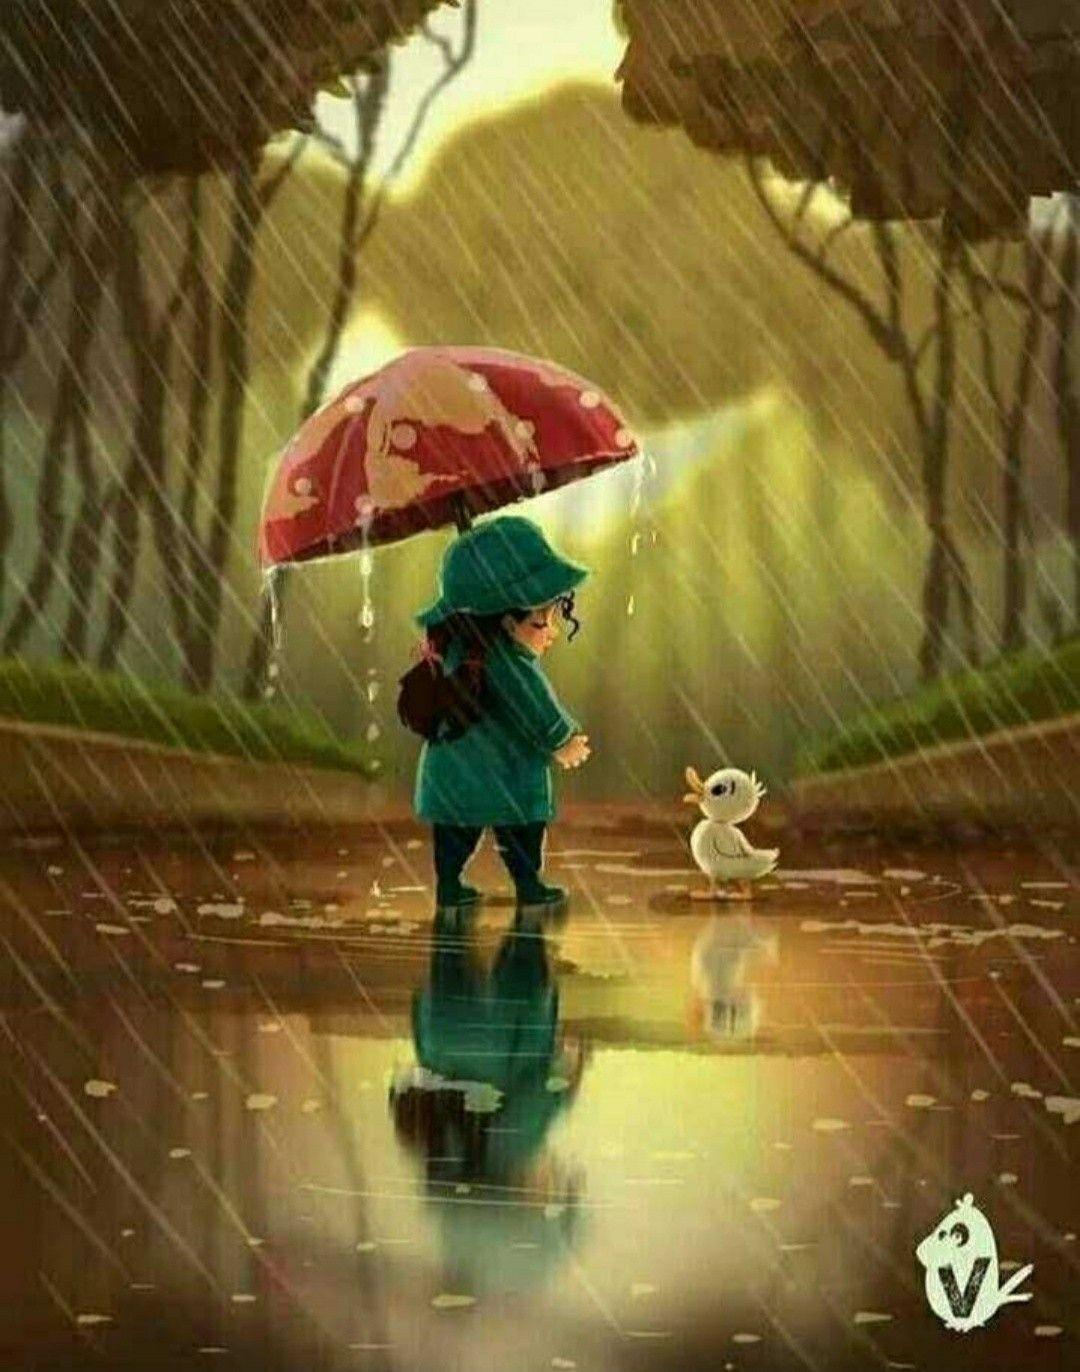 Spaziergang #cuteumbrellas